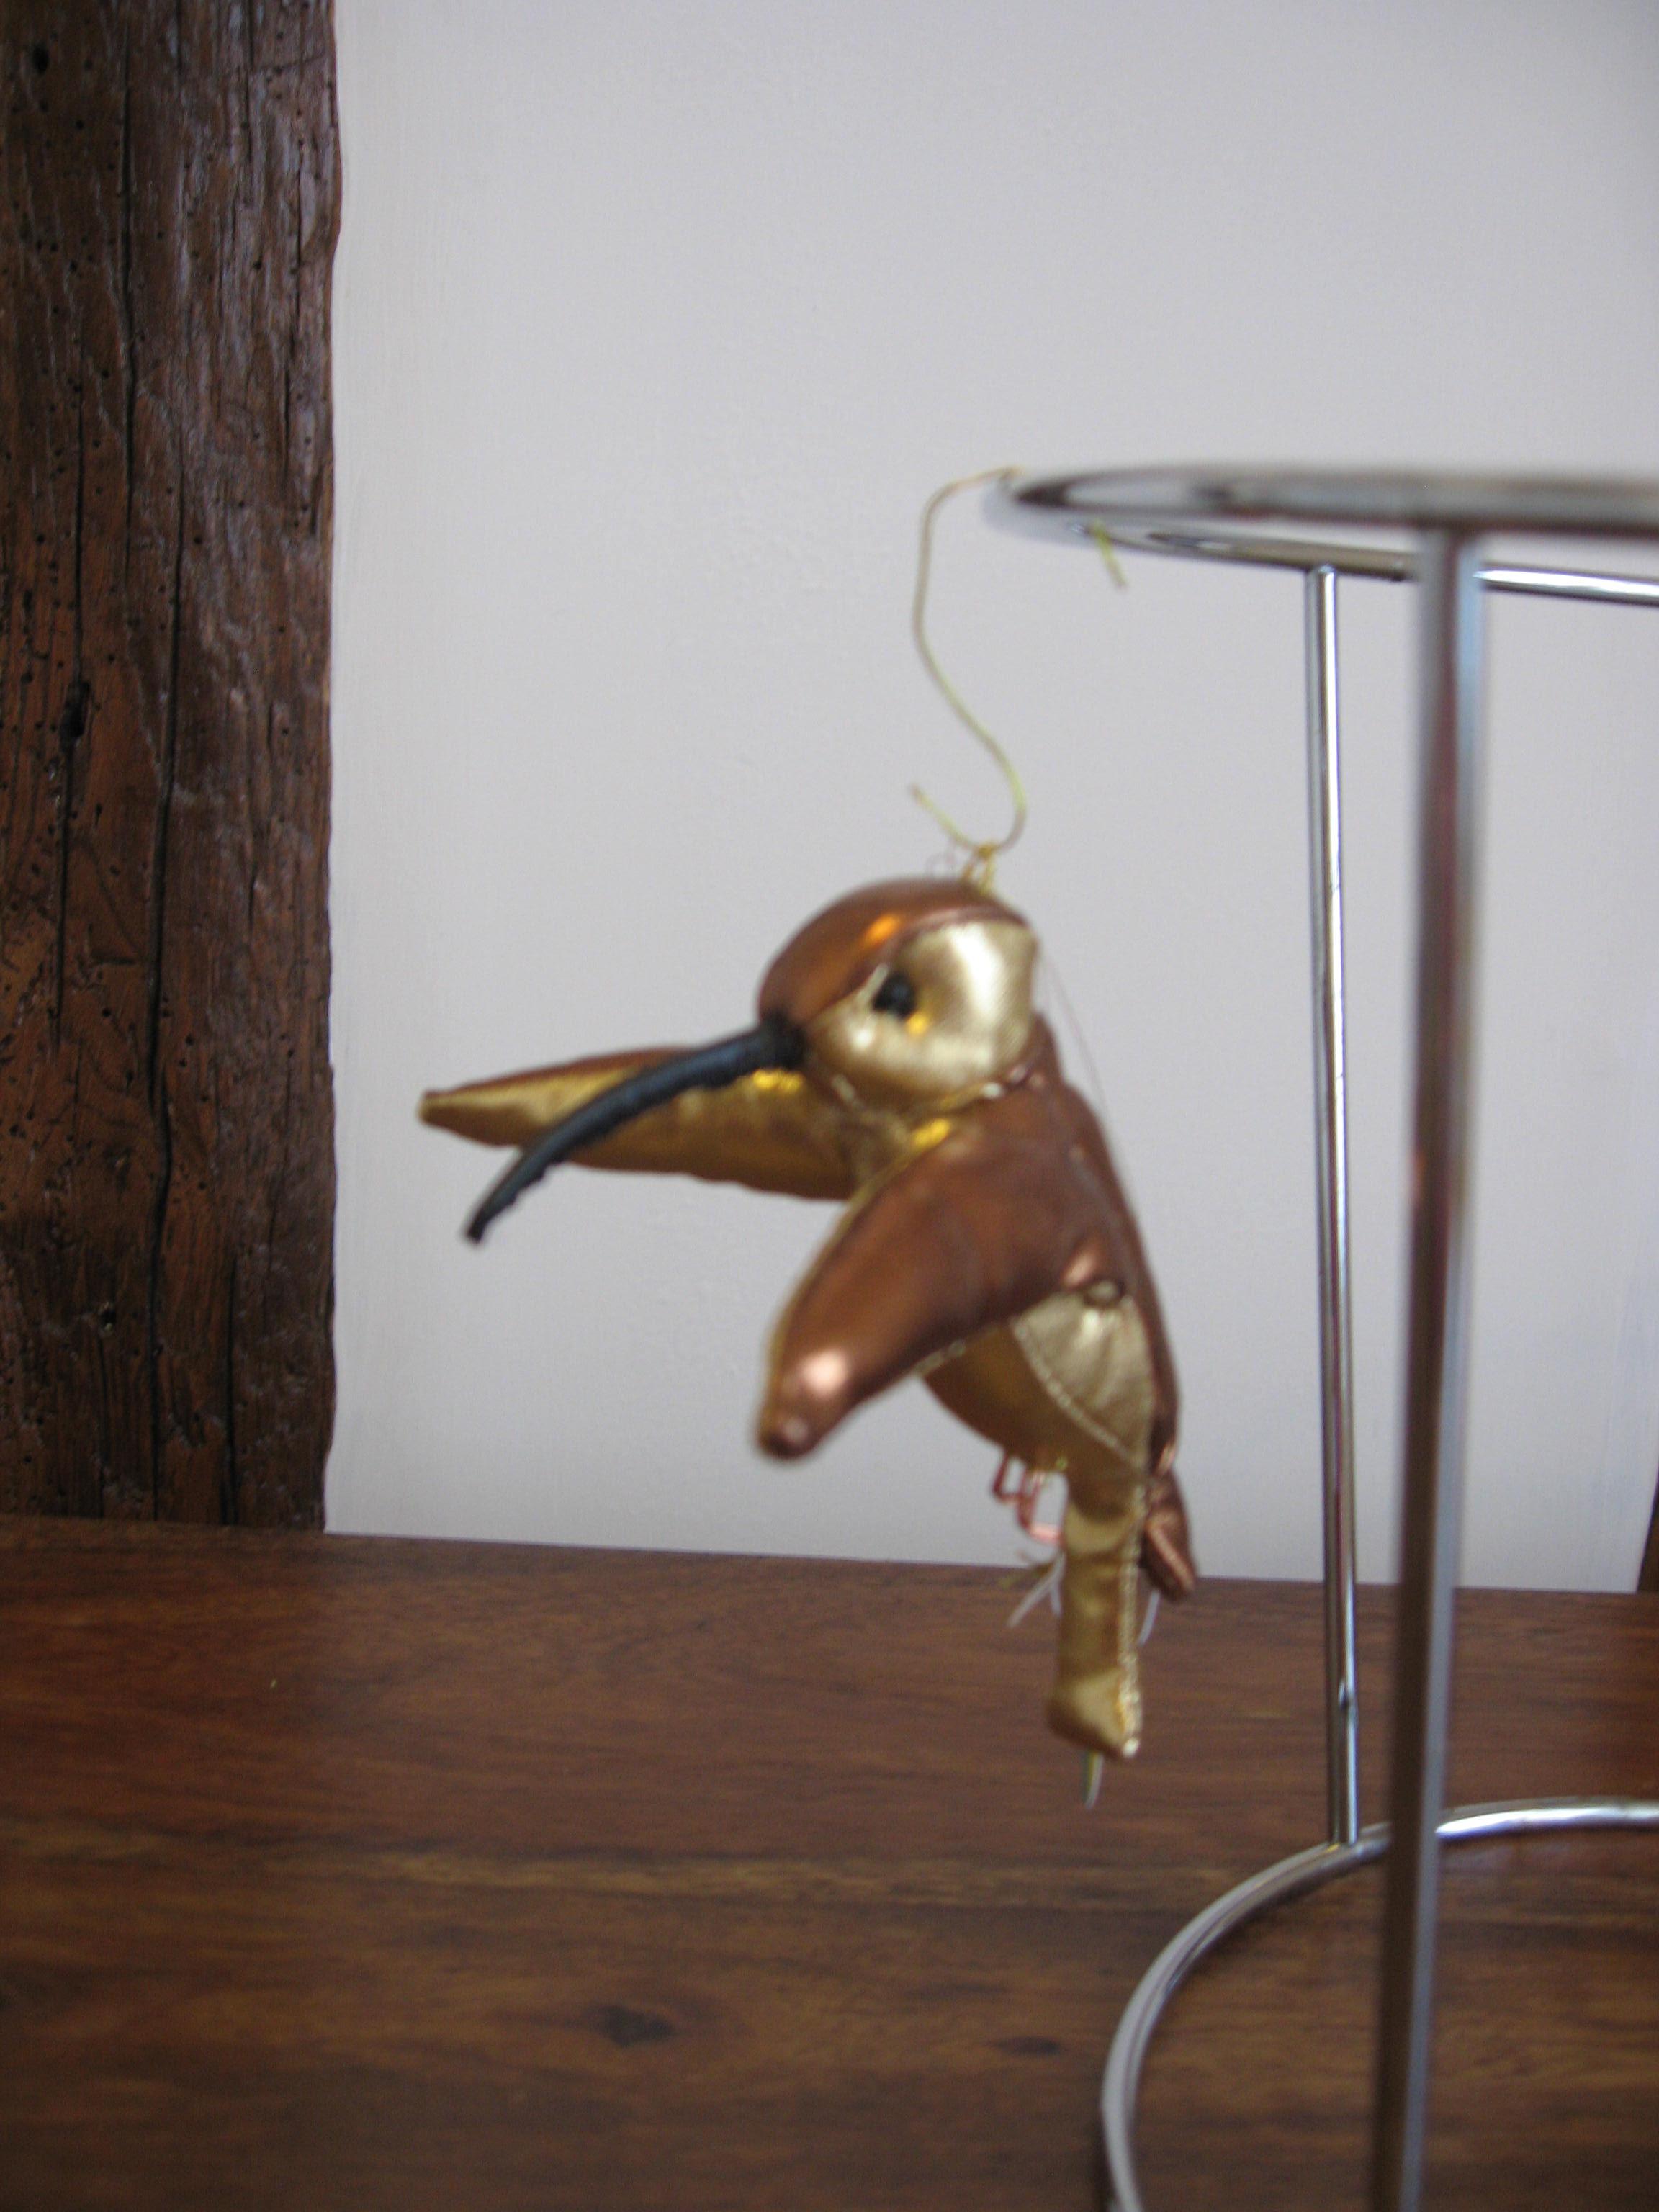 colibri or